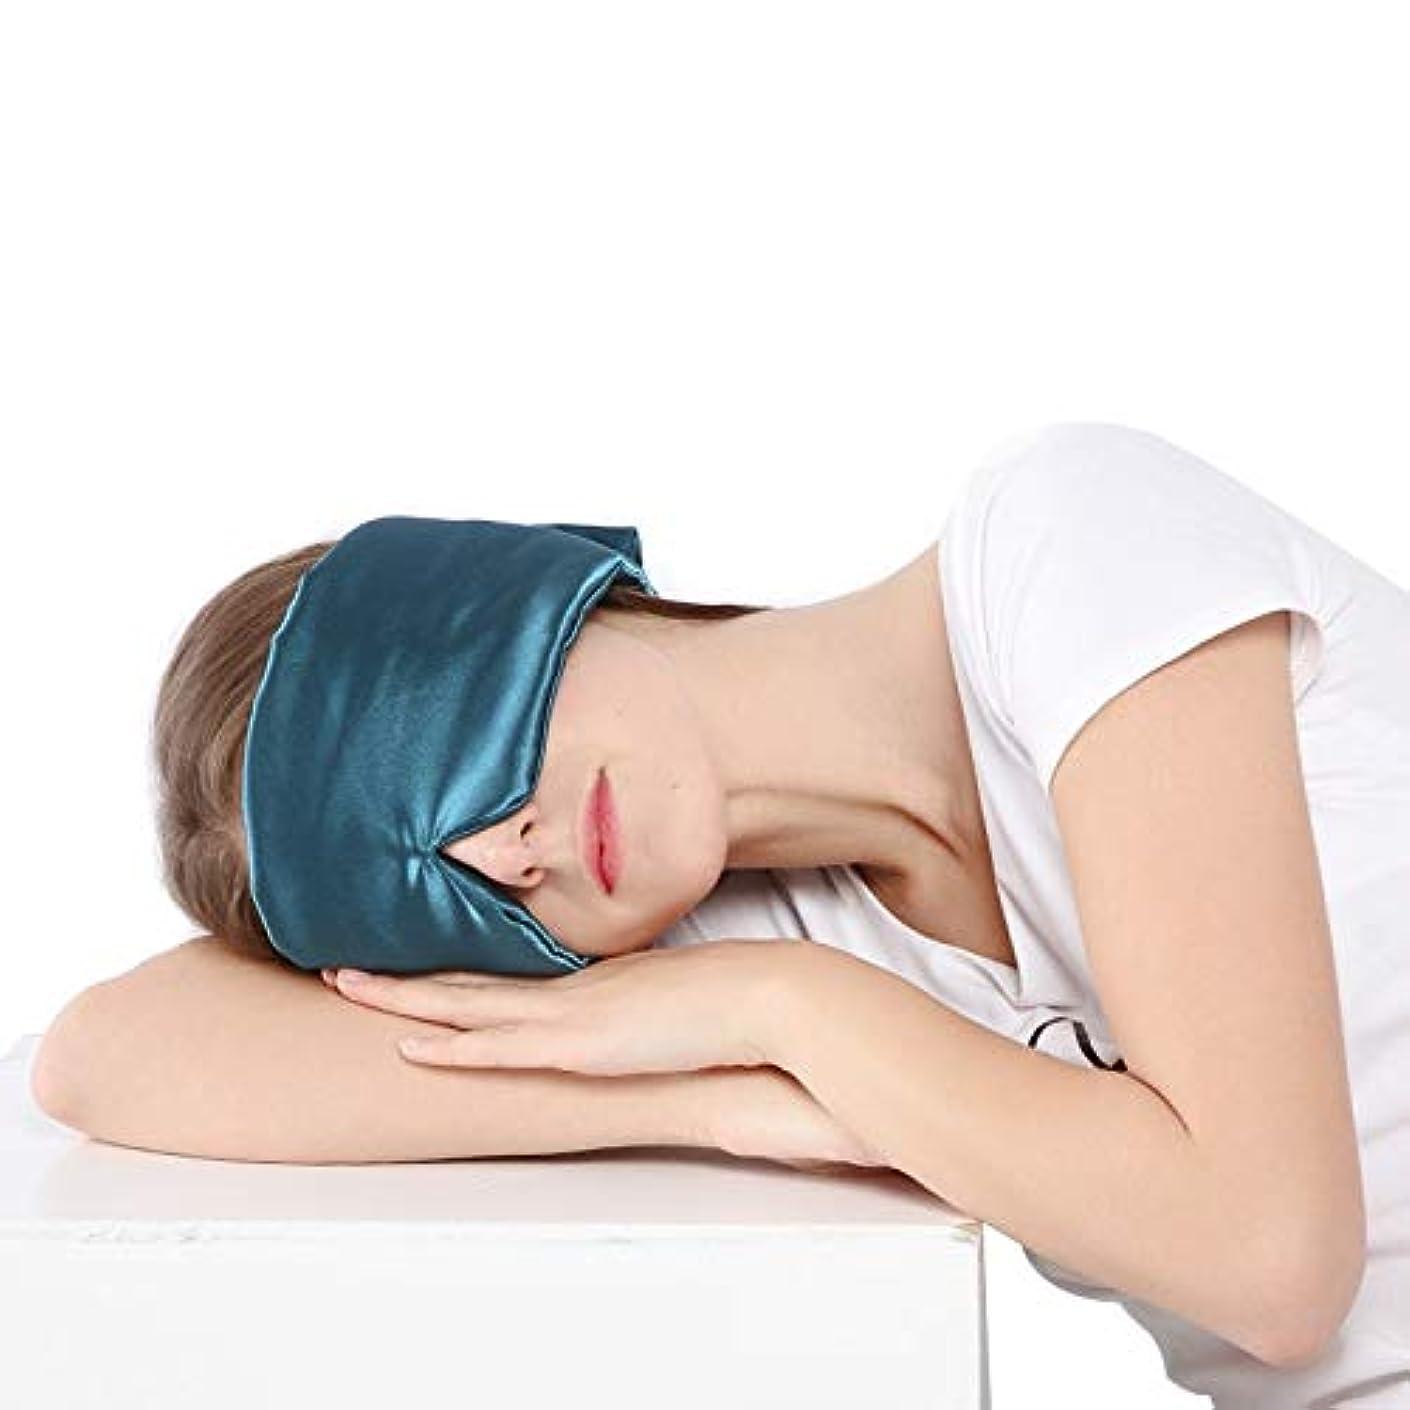 スペル多年生フェミニン注3Dシルクカバーアイシェード旅行睡眠アイマスク睡眠疲労目隠しオフィス睡眠マスクアイパッチ/包帯用睡眠